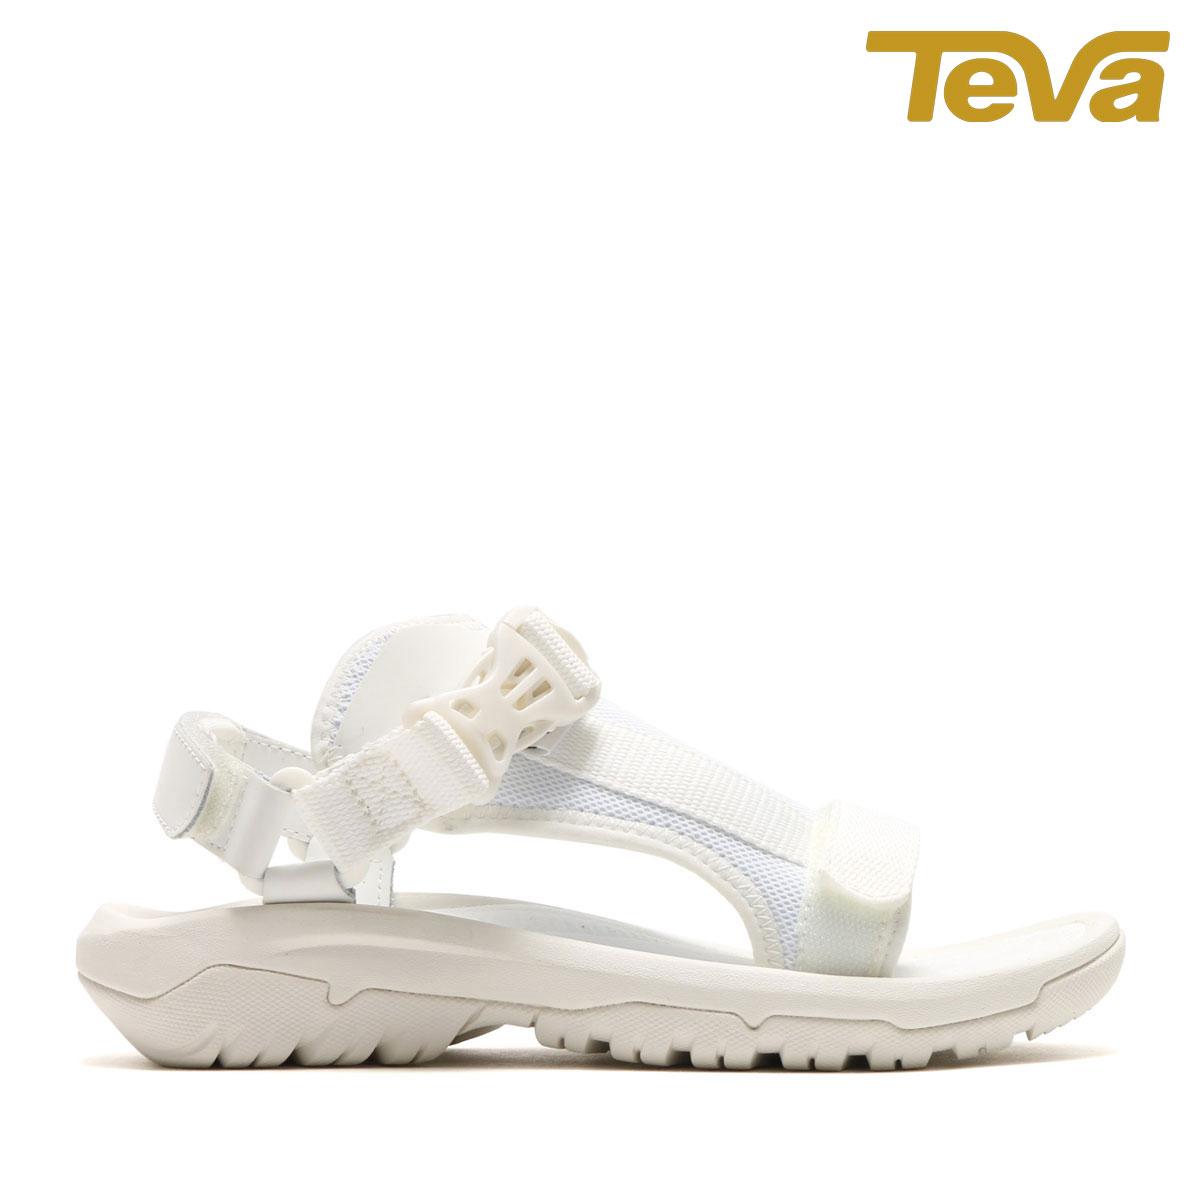 TEVA W HURRICANE VOLT (WHITE) (テバ ウィメンズ ハリケーン ボルト) 【Kinetics】【レディース】【サンダル】【ストリート】【17SS-I】